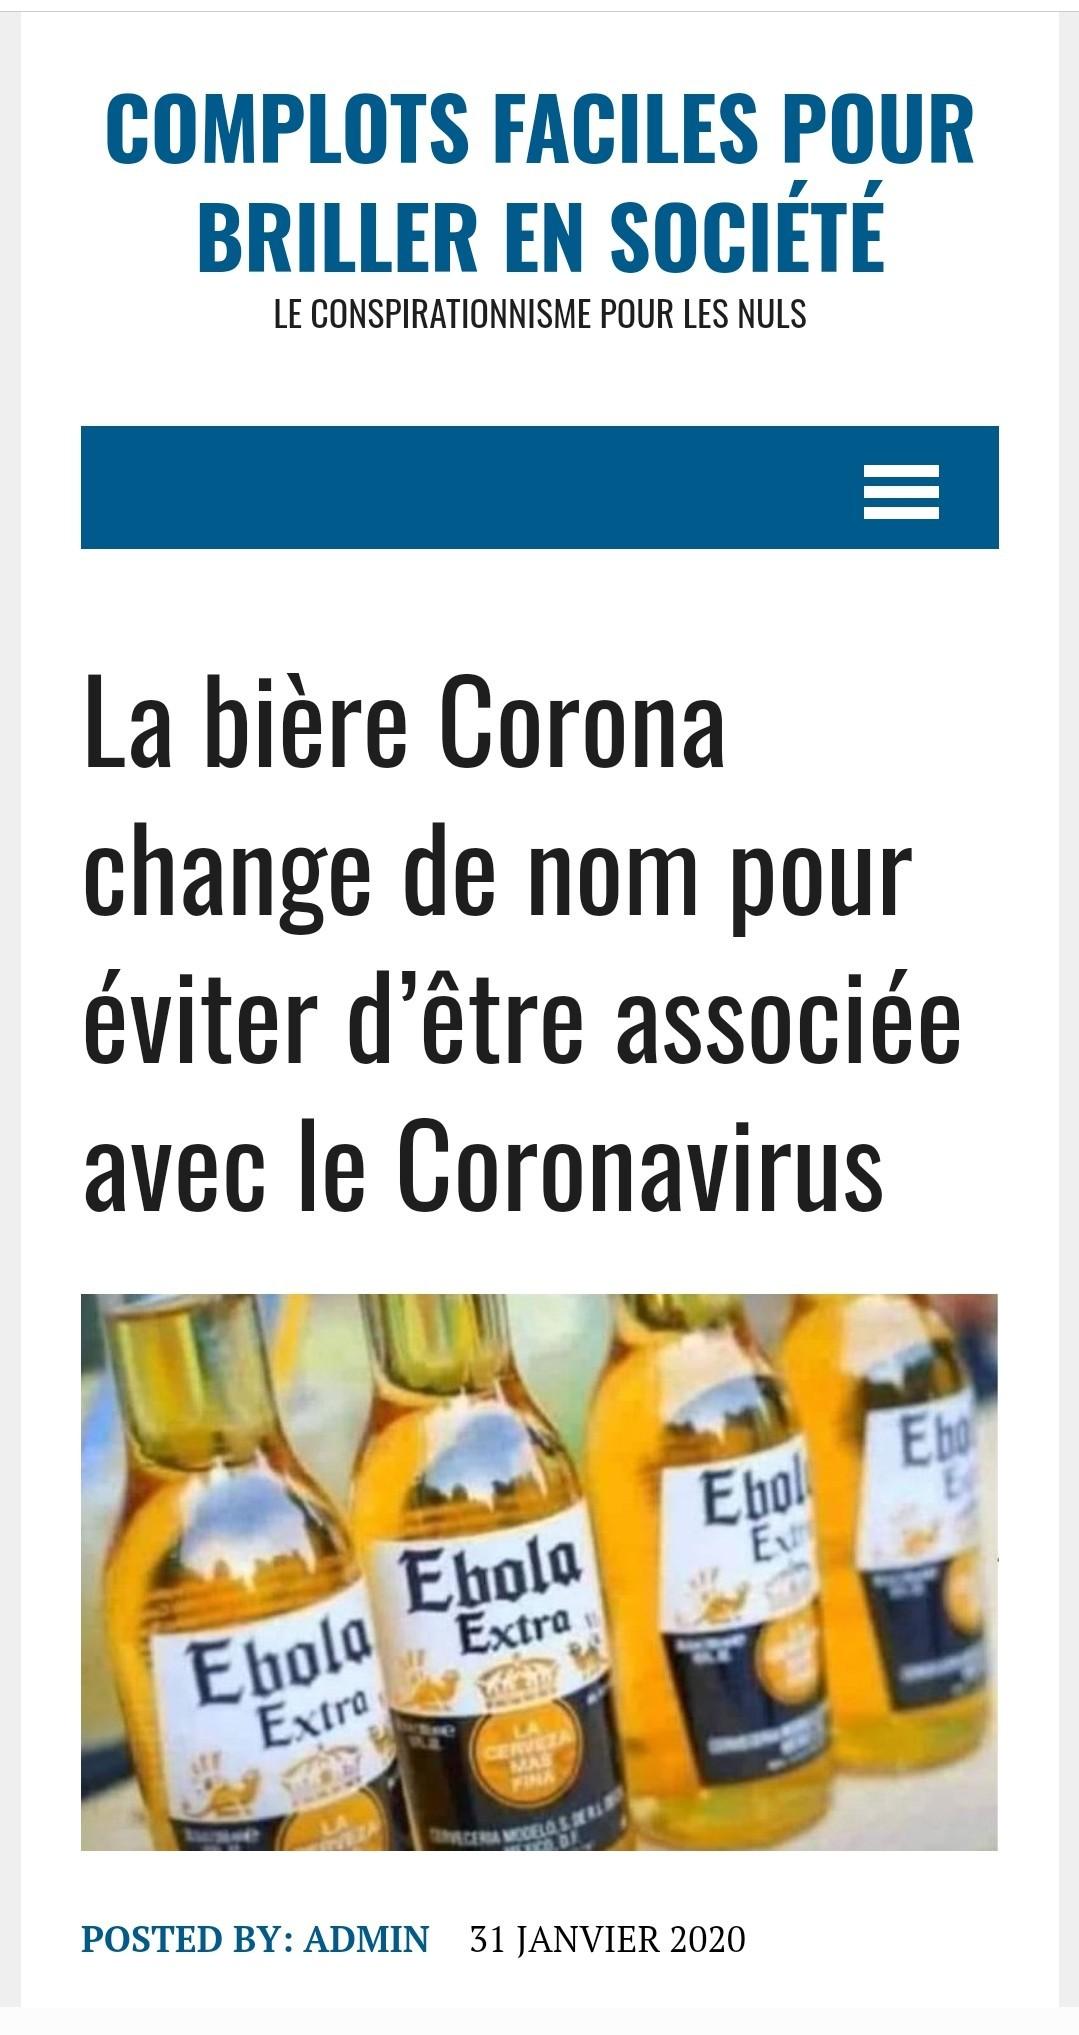 Je n'aime pas poster des articles mais il fallait que je leur fasse de la pub (et que je surfe sur le coronavirus moi aussi, non ? X)) - meme